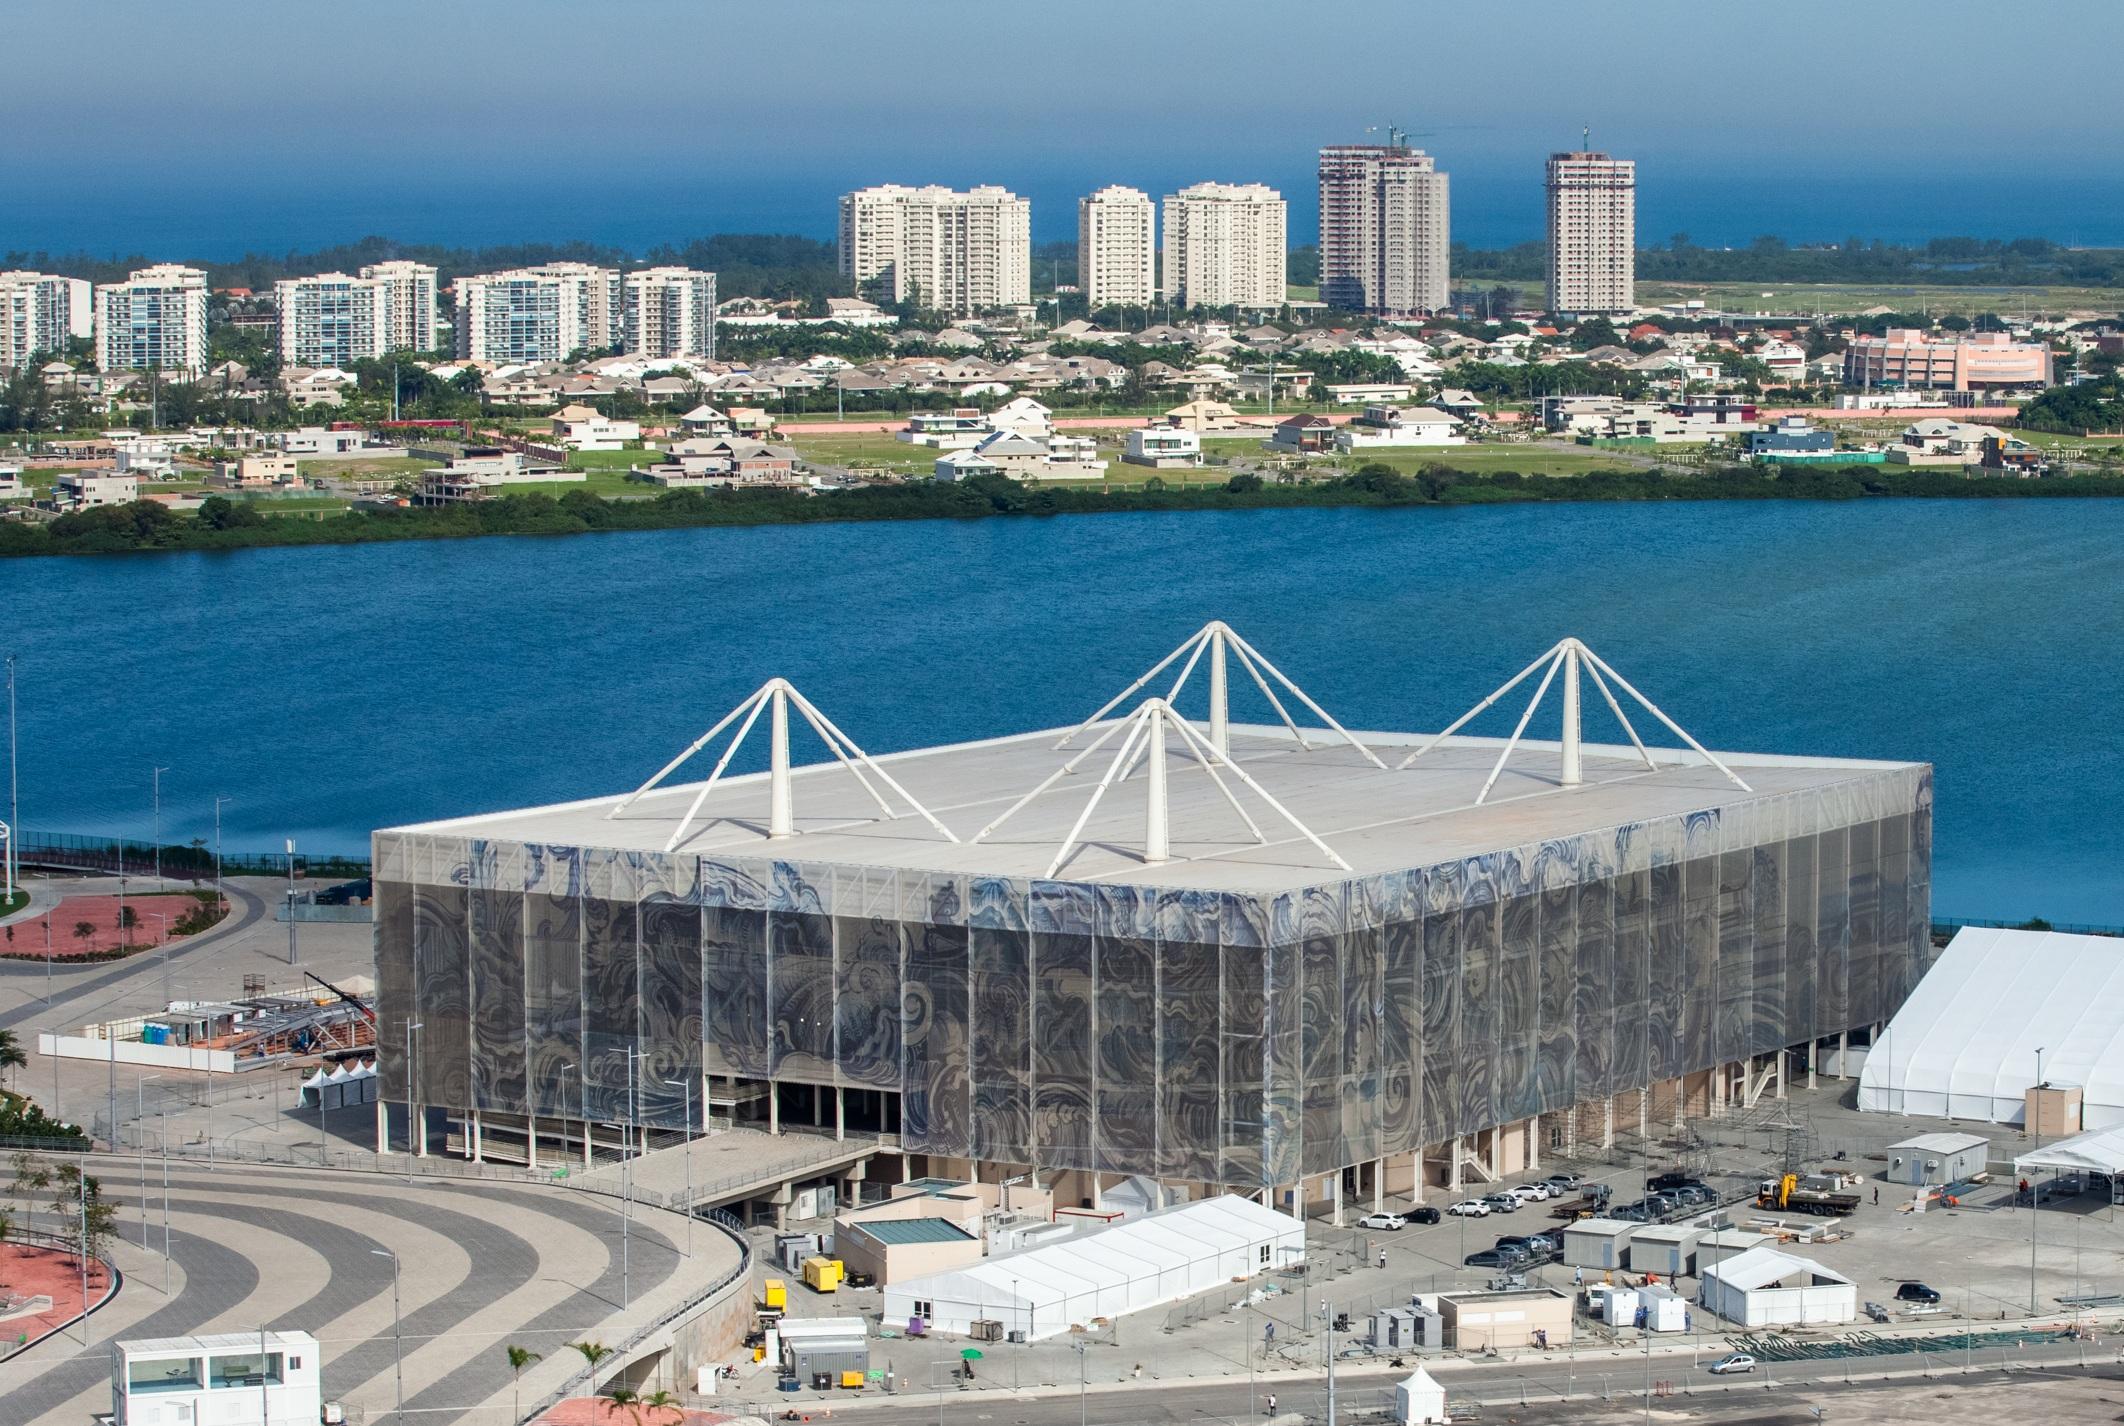 Estádio Aquático Olímpico – Wikipédia, a enciclopédia livre